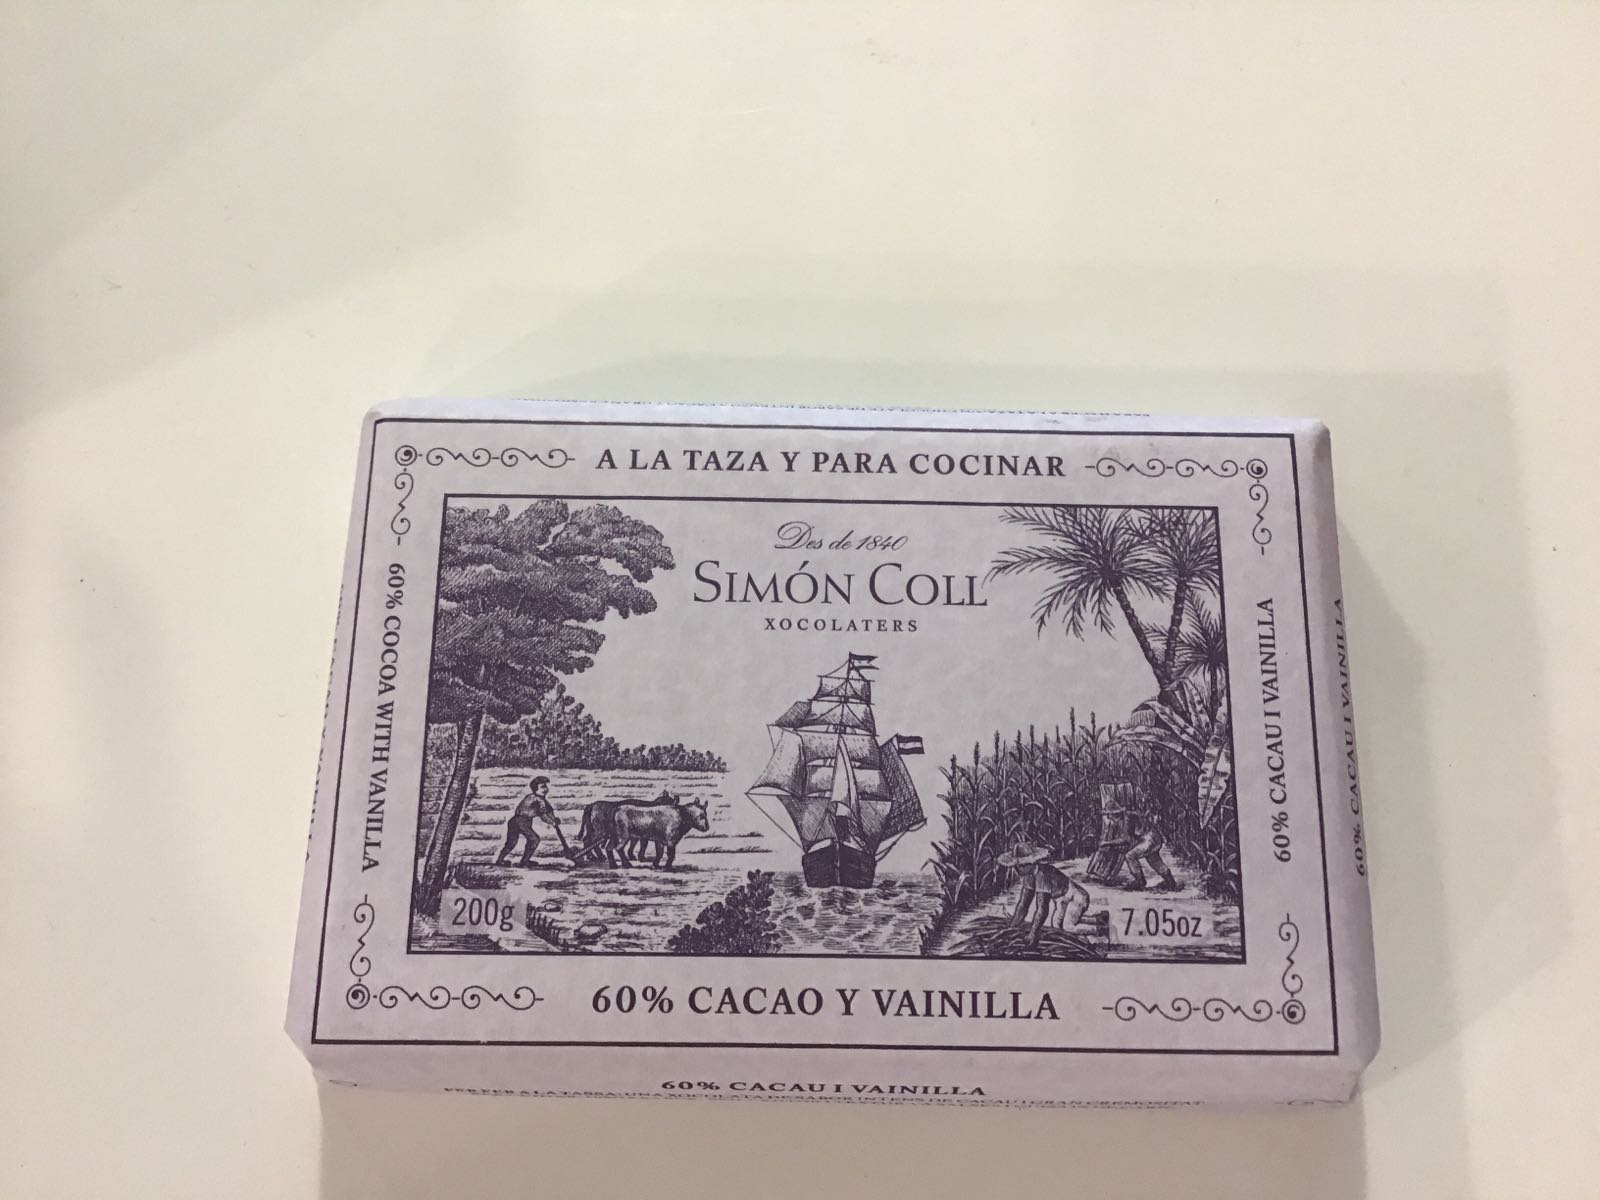 SIMON COLL vanilja